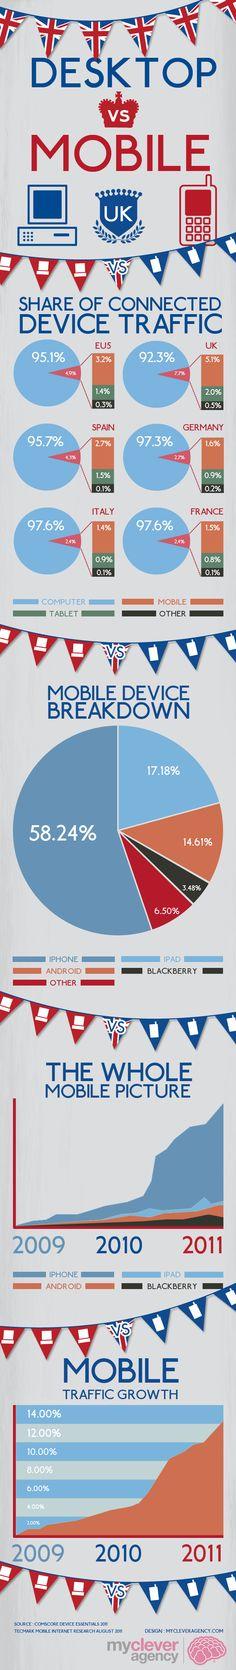 UK Mobile vs Desktop Internet Usage Statistics